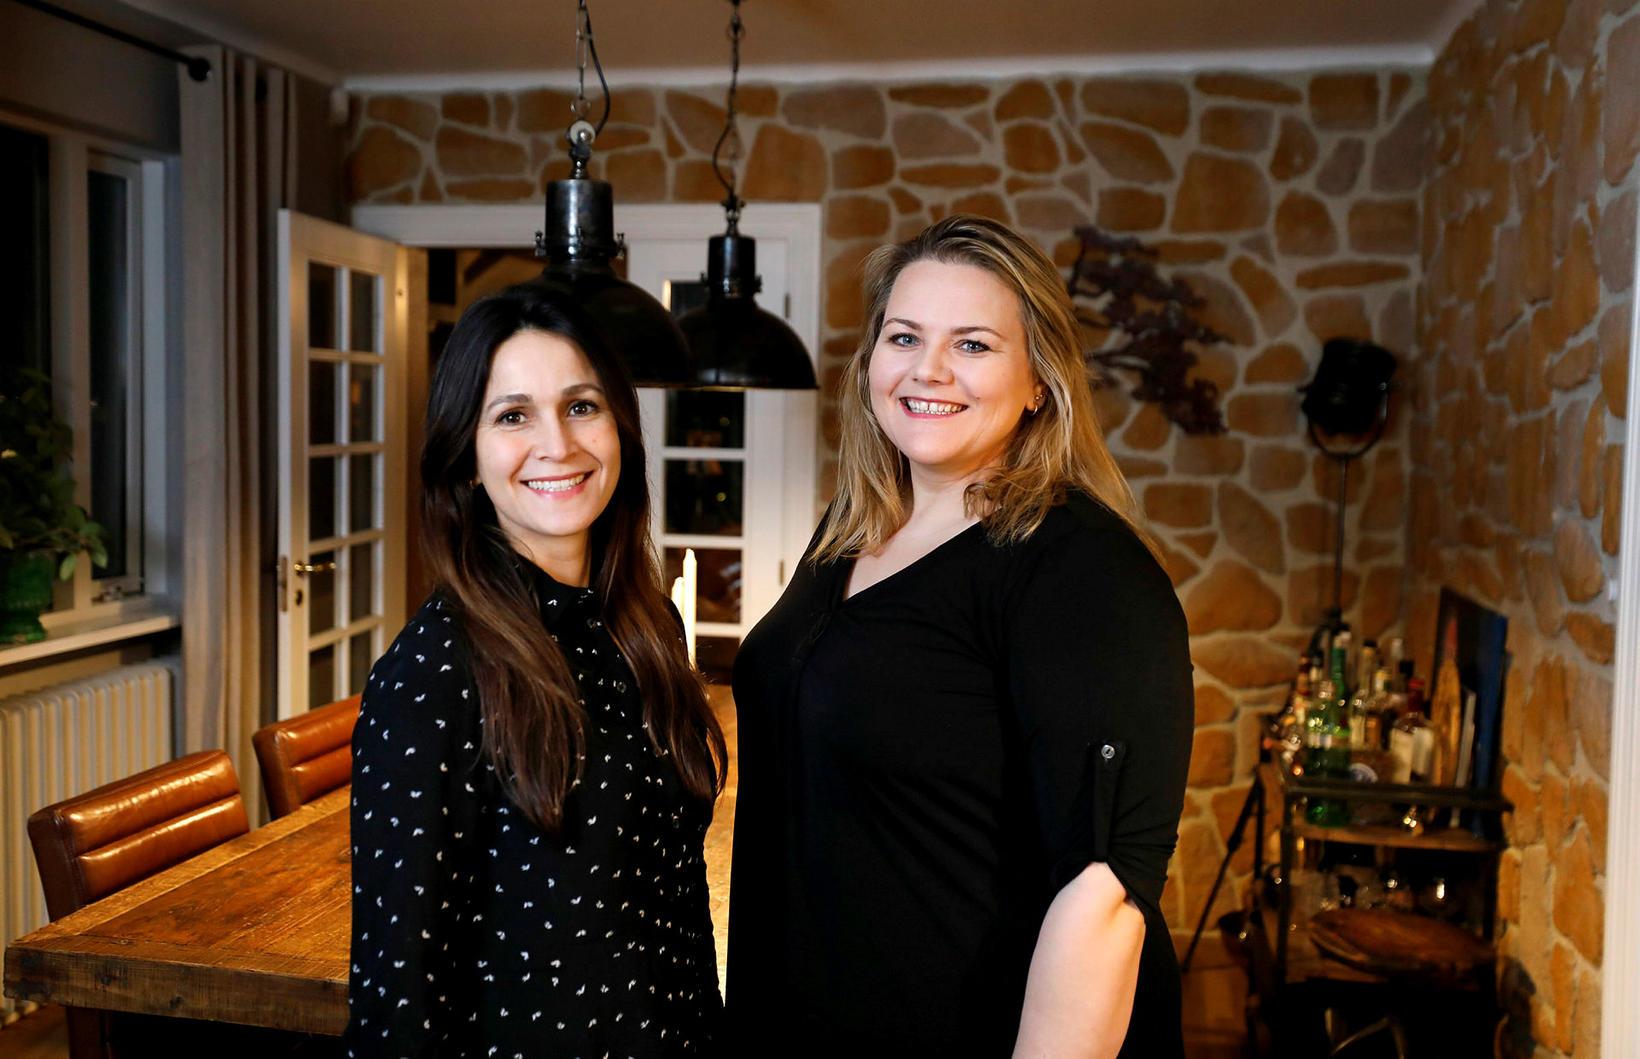 Sálfræðingarnir Paola Cardenes og Soffía Elín Sigurðardóttir eru með námskeið …